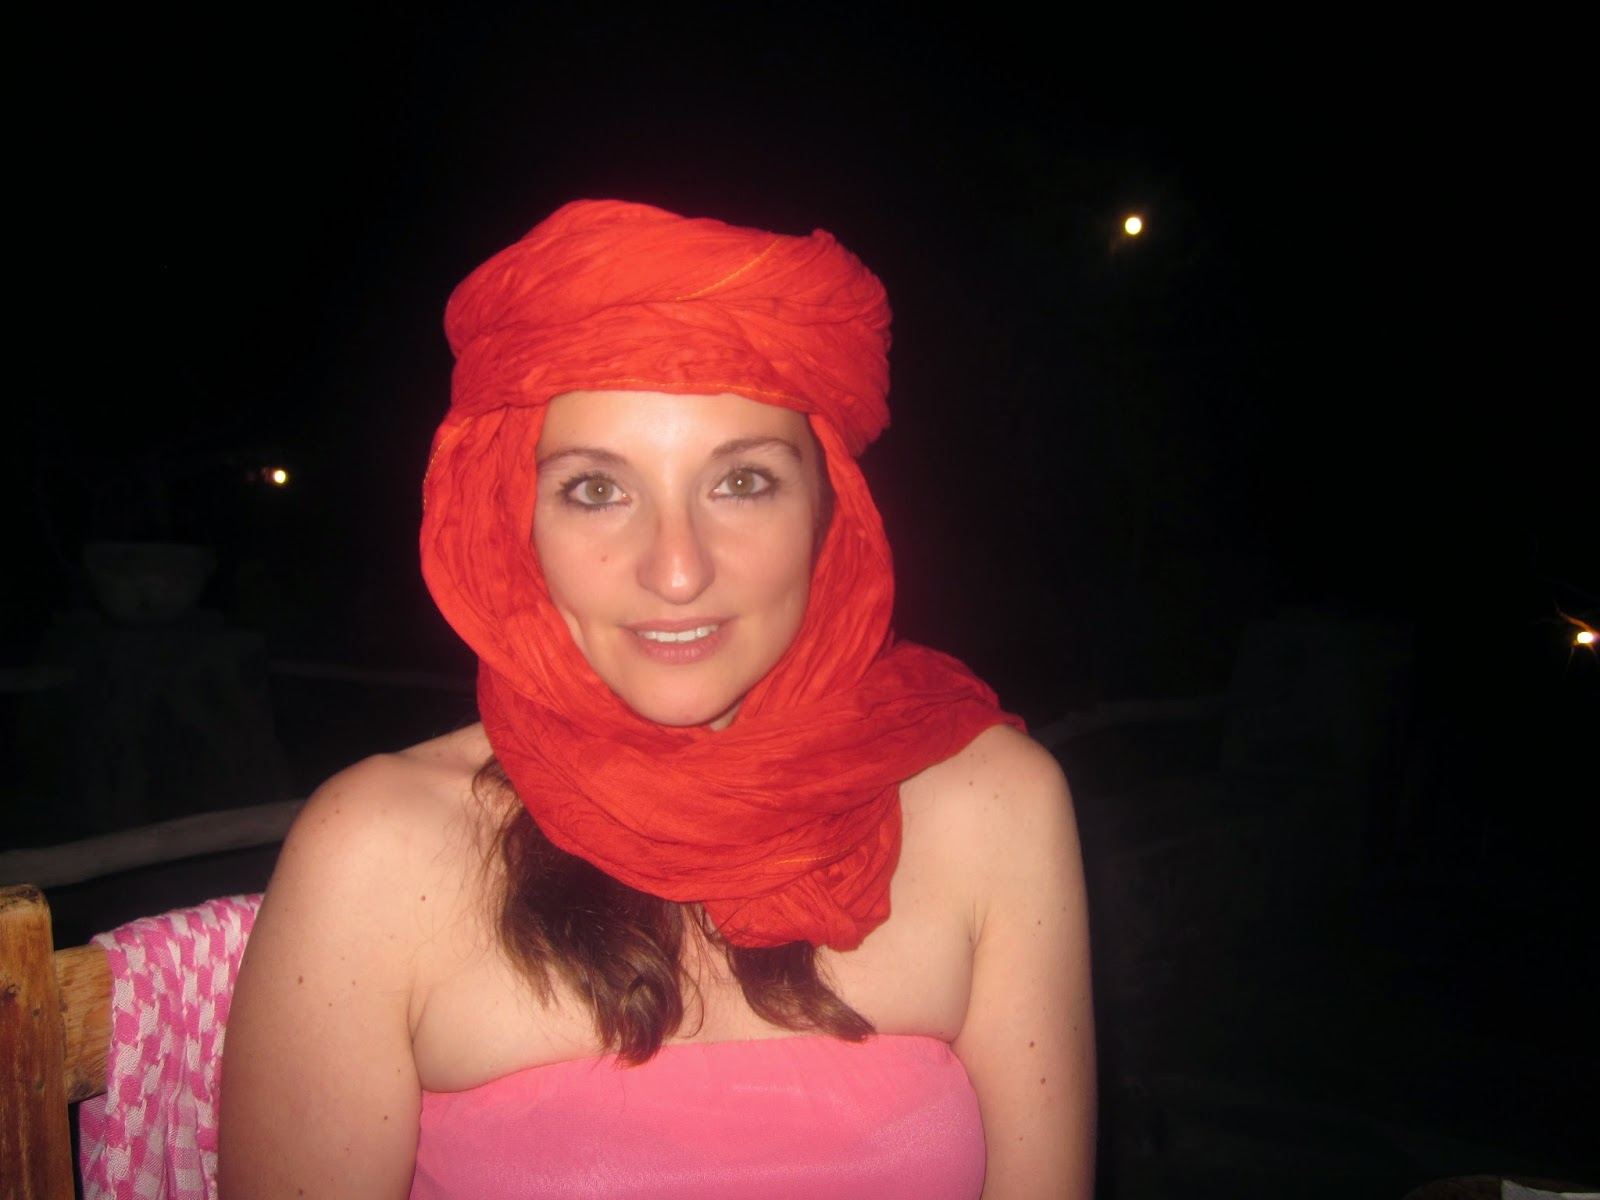 Desierto, kasbah luna del sur, marruecos, viajar, aventura, marrakech,felicidad